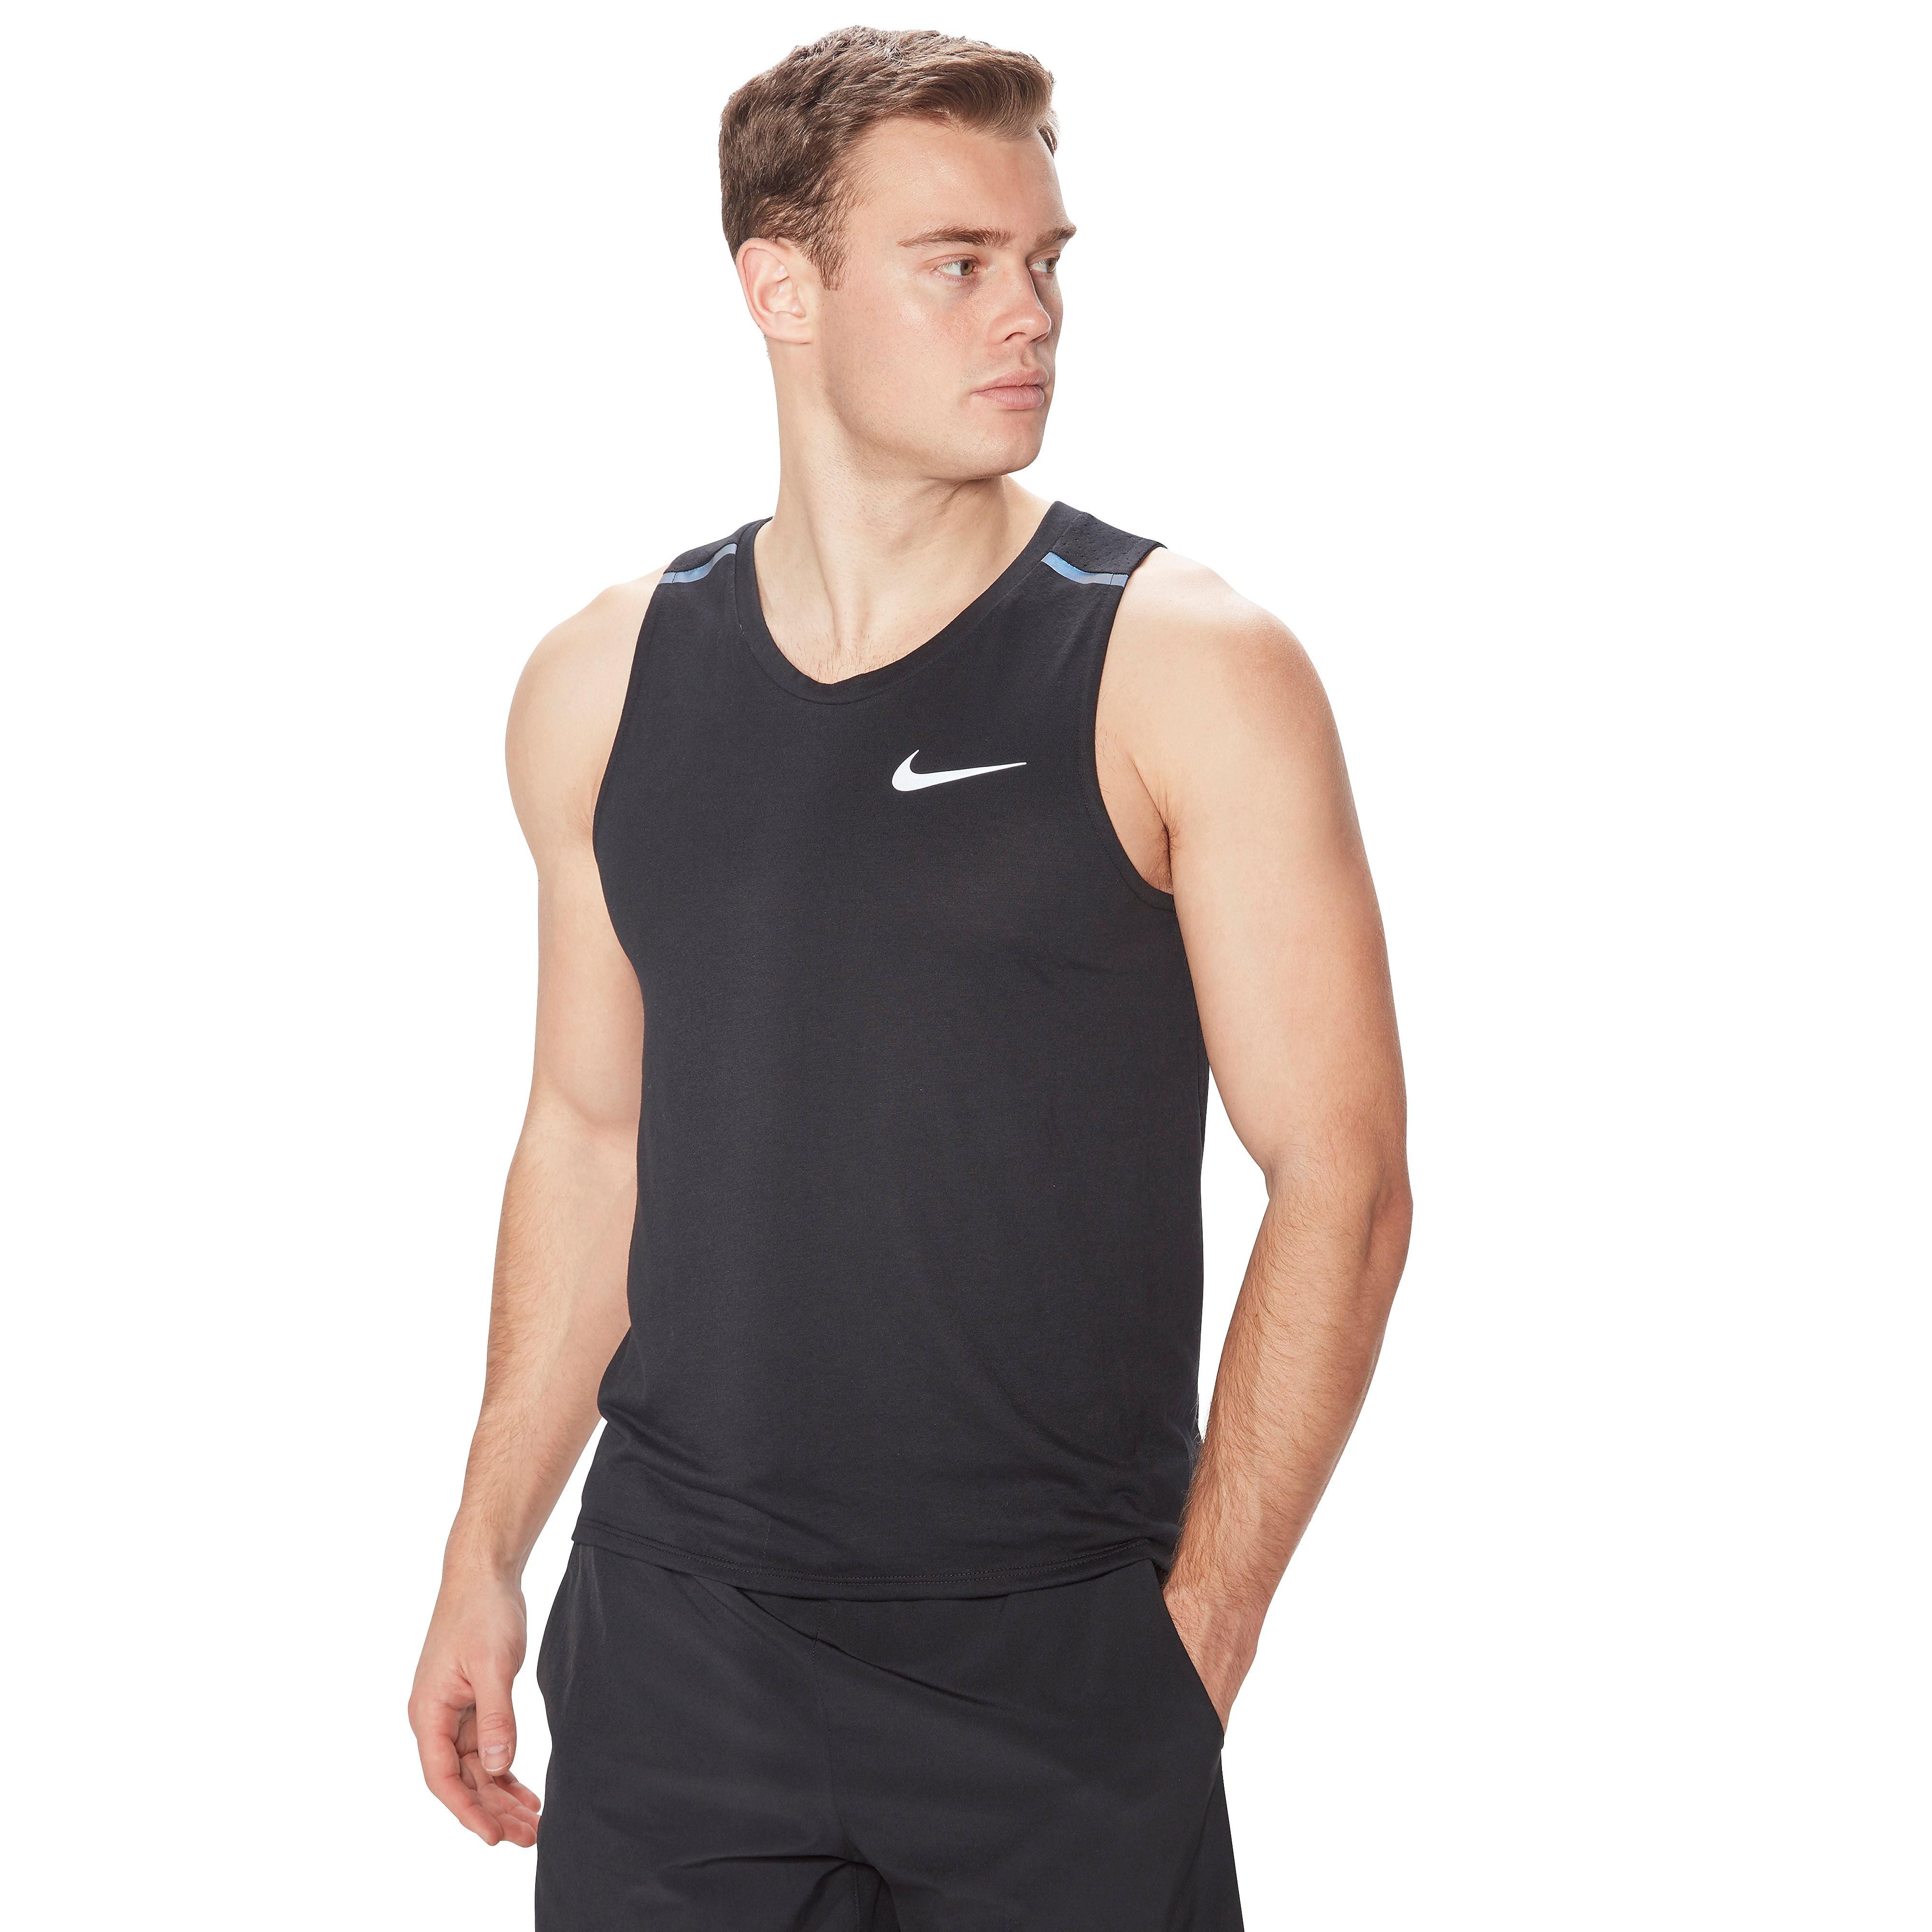 Nike Breathe Rise Men's Training Tank Top